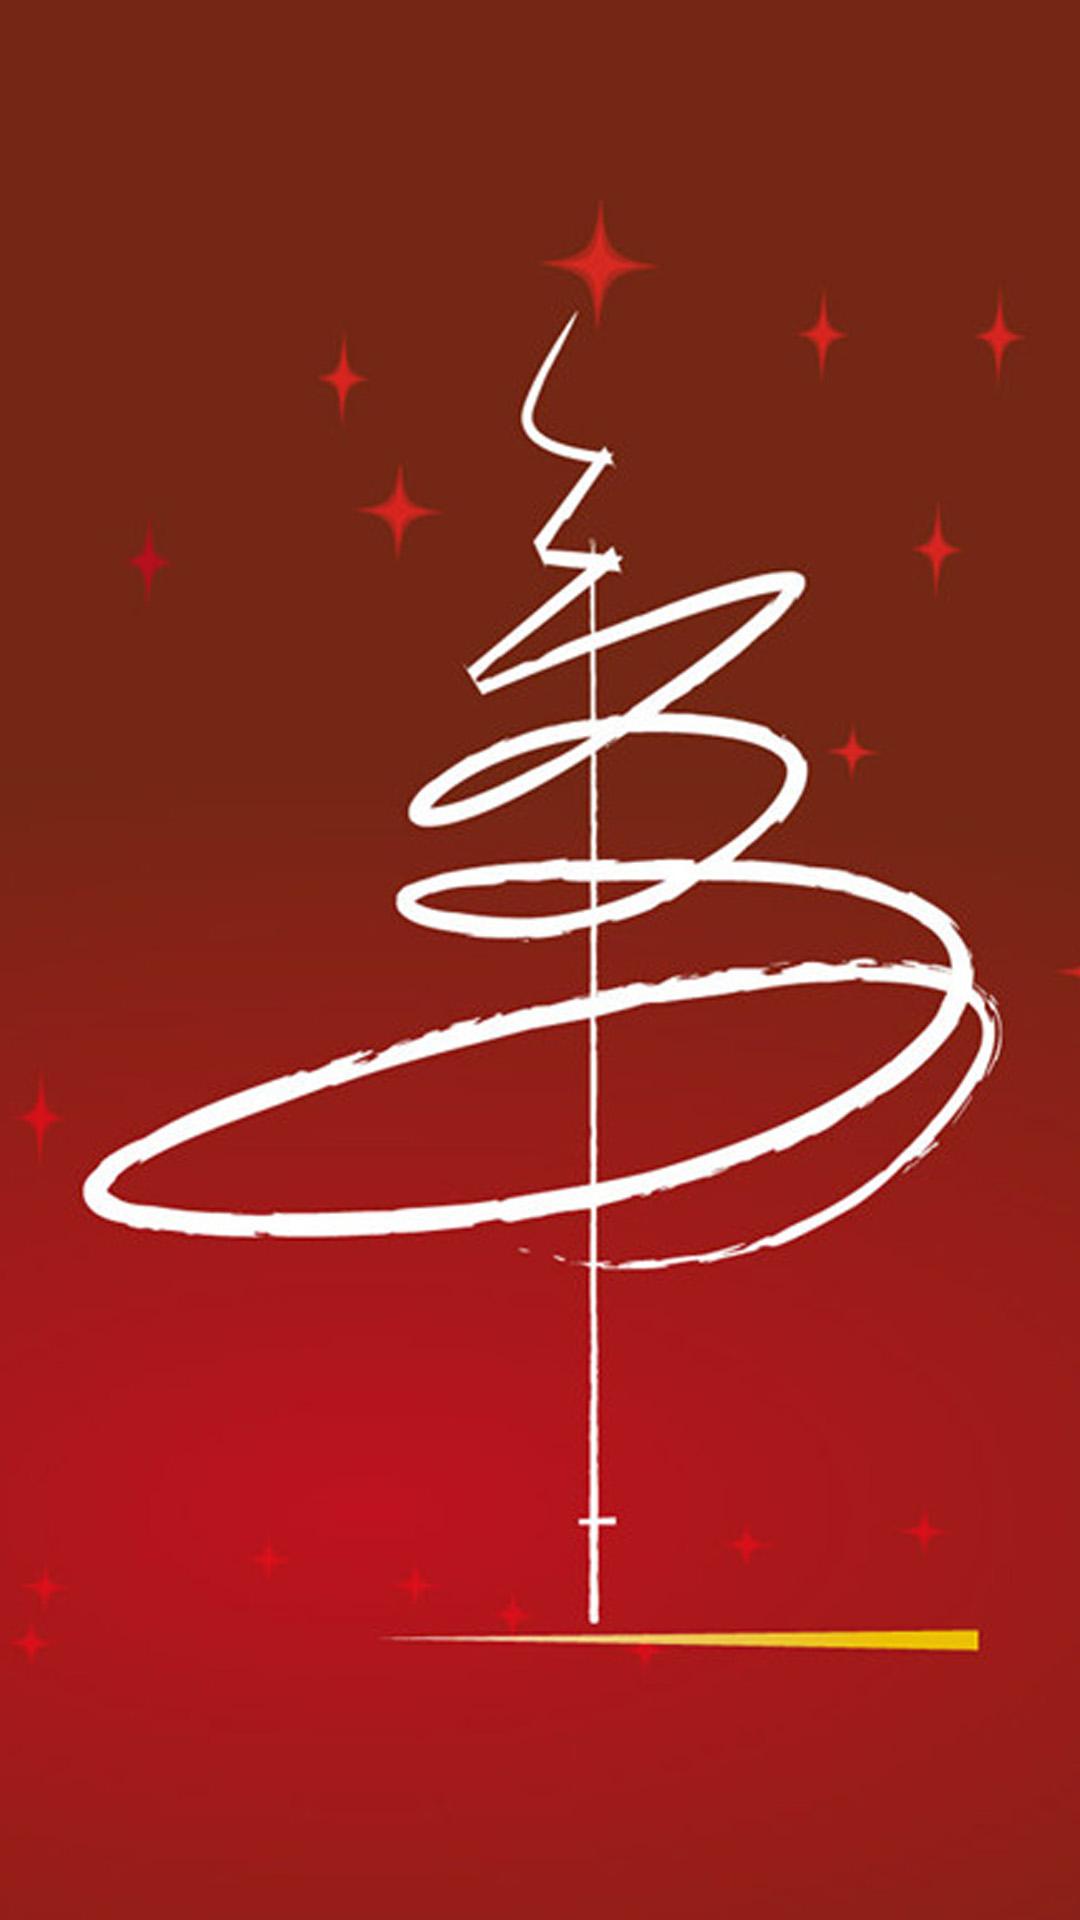 christmas 40 - 50 ảnh nền Giáng Sinh cực dễ thương cho điện thoại